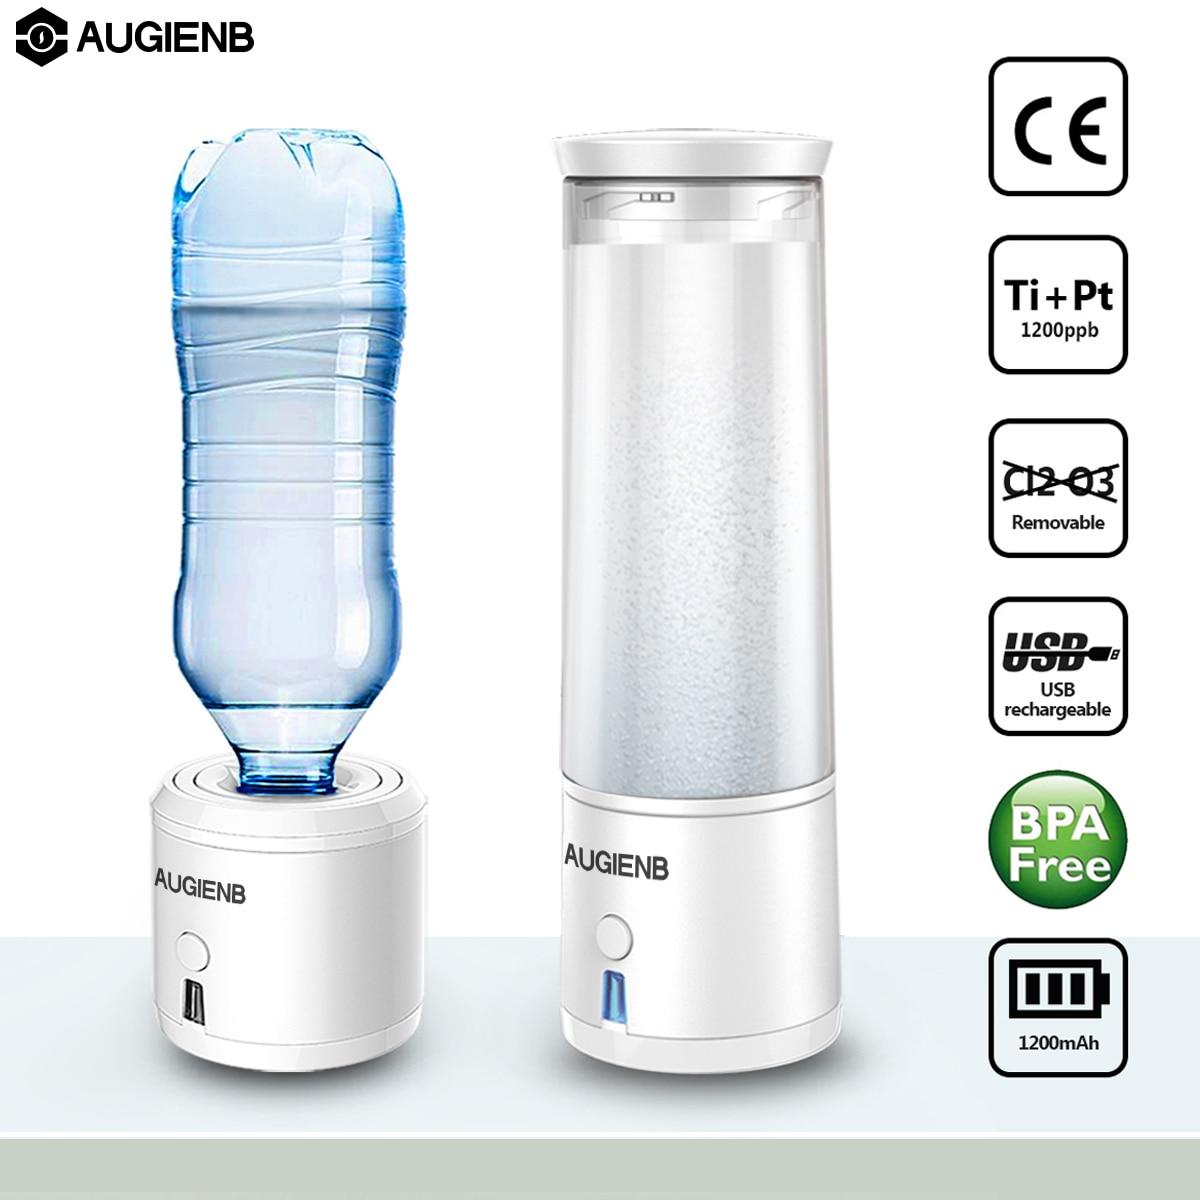 AUGIENB SPE/PEM Membrana H2 Ricco ydrogen Bottiglia di Acqua Elettrolisi Ionizzatore Generatore USB Ricaricabile di rimozione O3 CL2